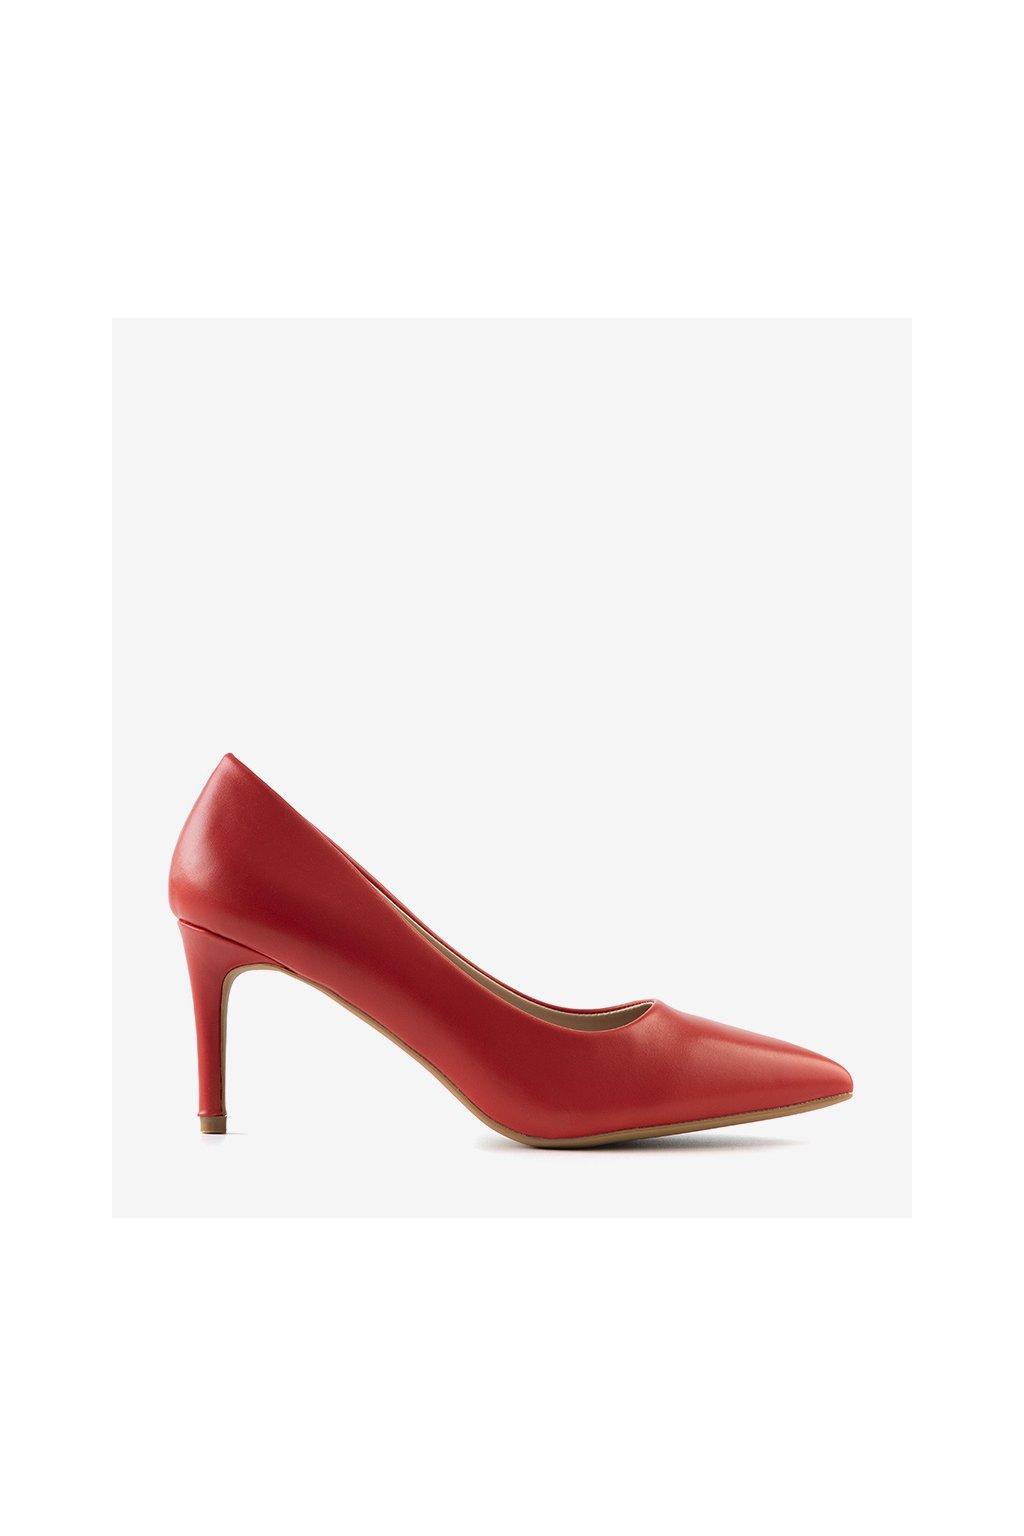 Dámske topánky lodičky červené kód CD62P - GM